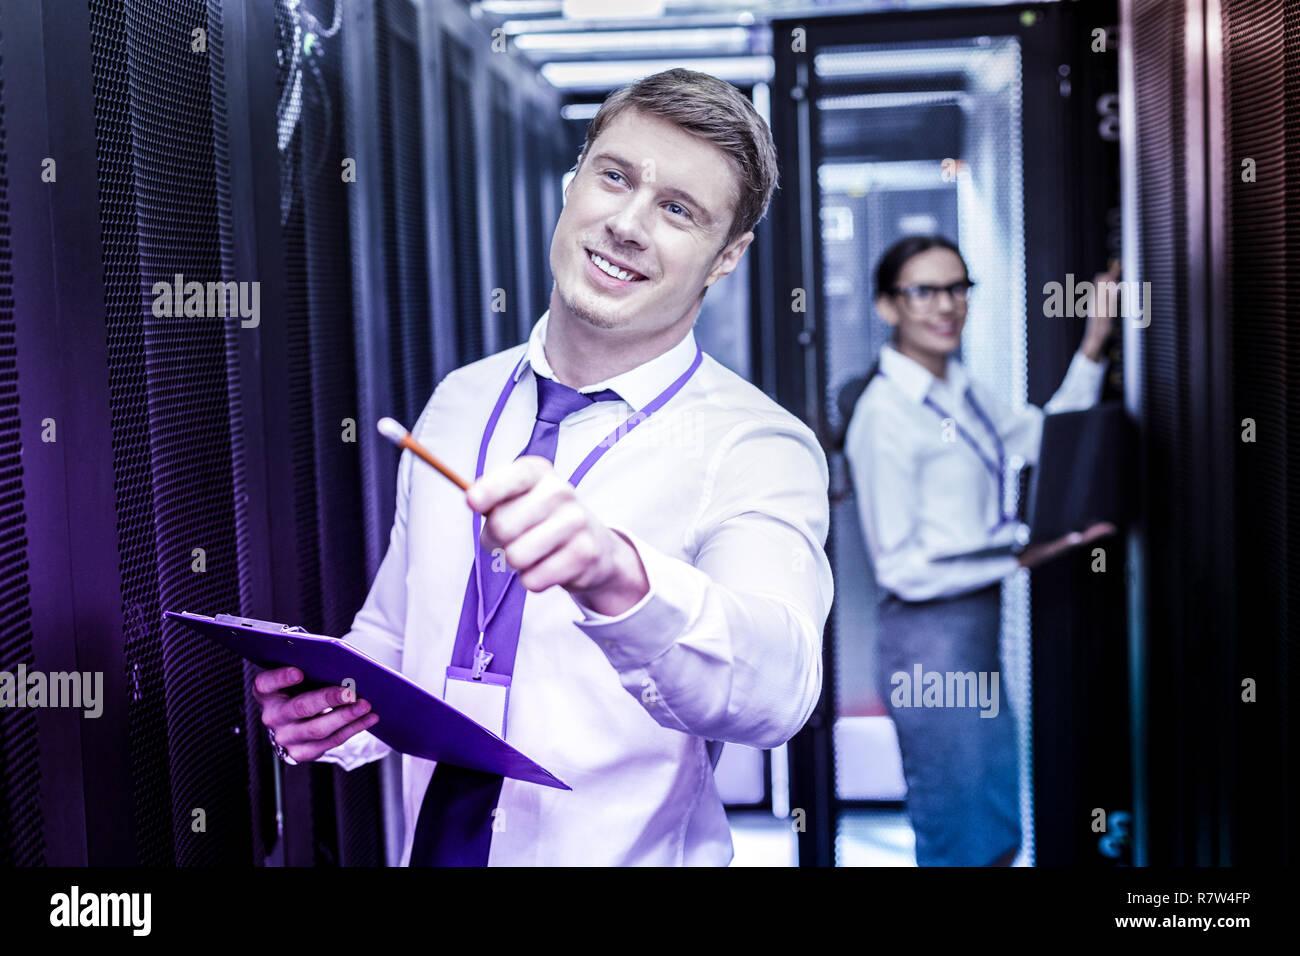 Netter Mann mit einem Bleistift in der Hand begeistert Stockbild